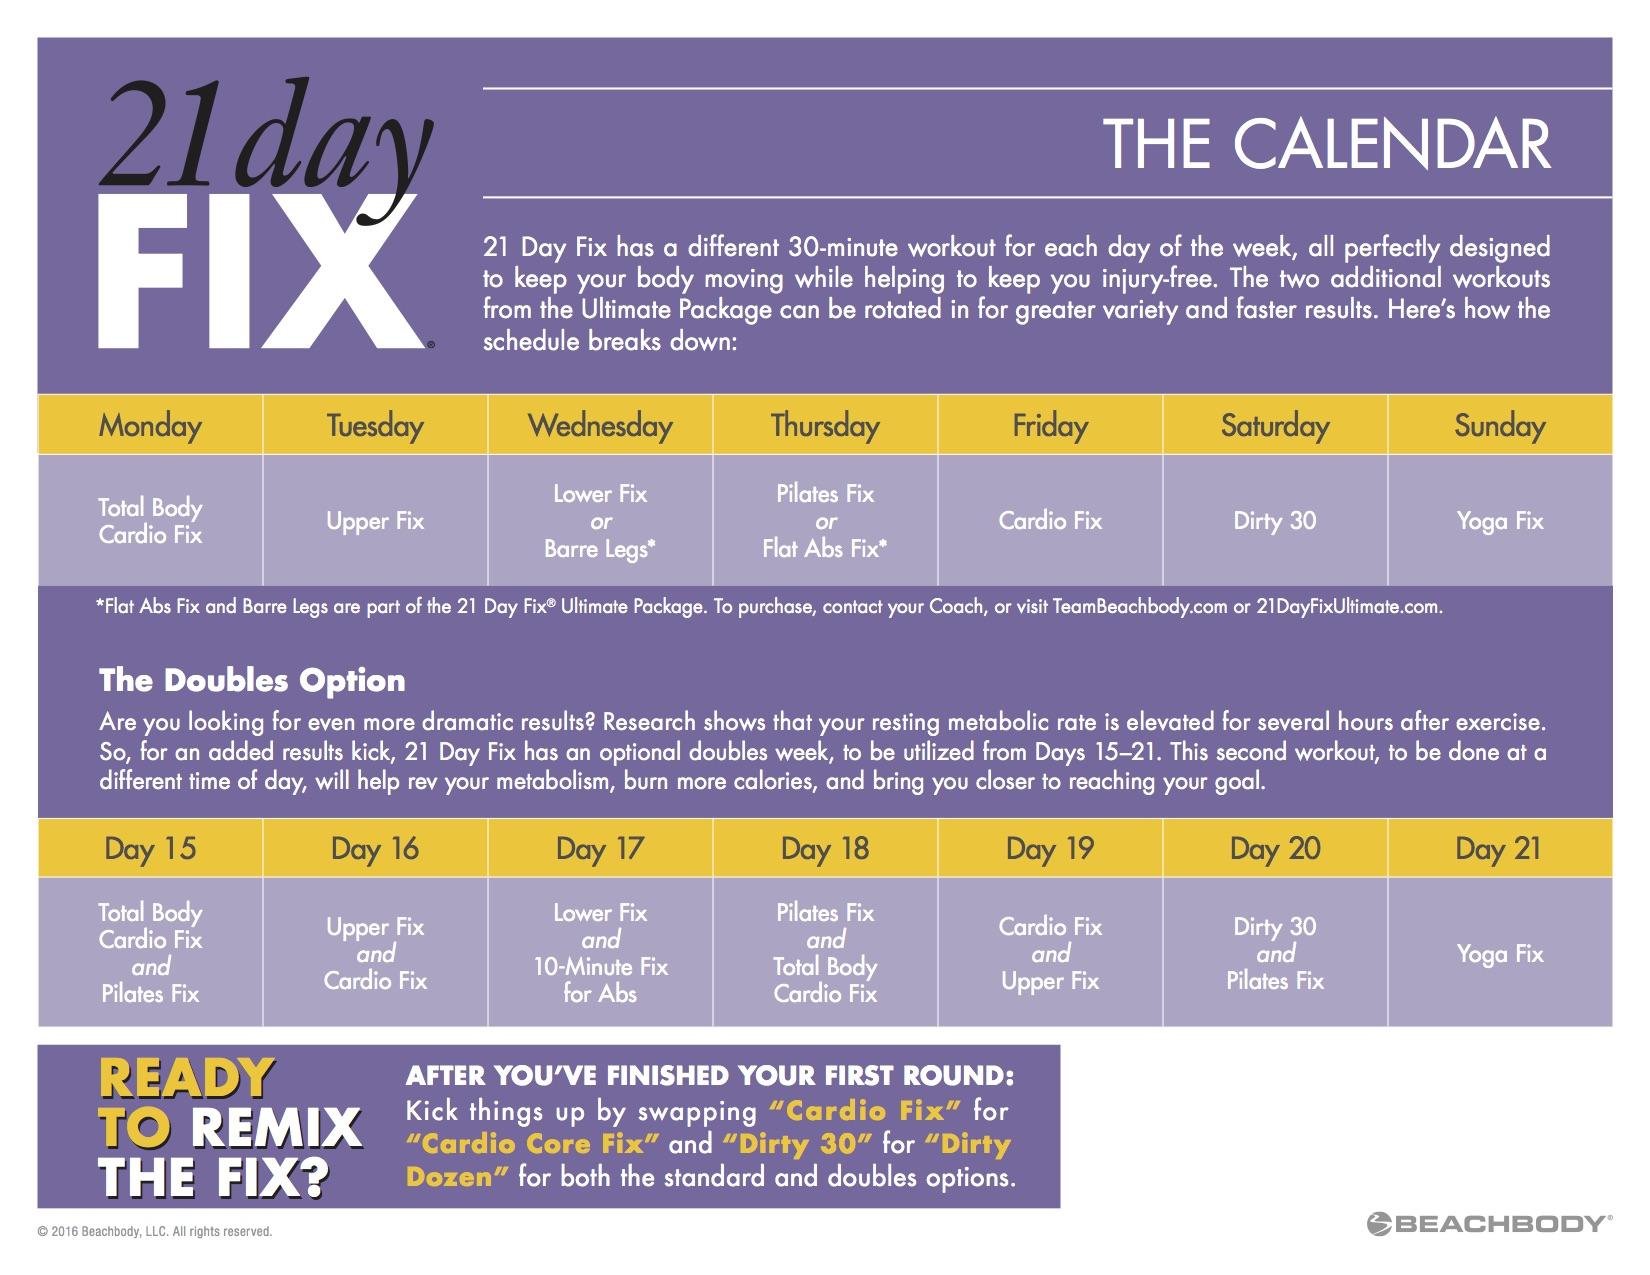 21 Day Fix Workout Calendar.jpg